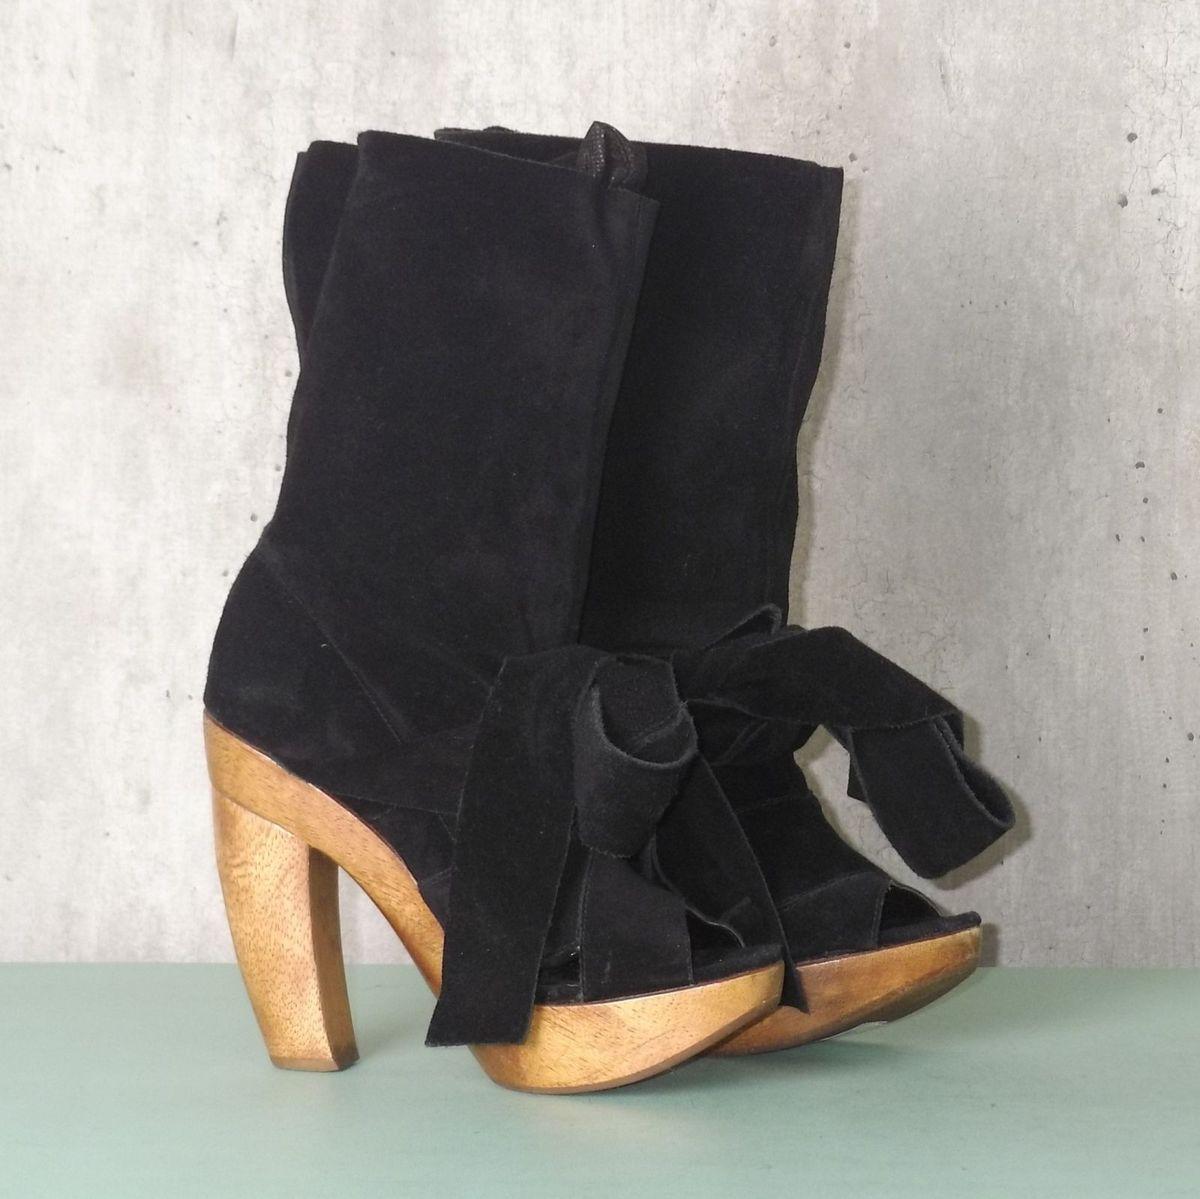 41a2504055 bota preta com recorte schutz - sandálias schutz.  Czm6ly9wag90b3muzw5qb2vplmnvbs5ici9wcm9kdwn0cy83mzk0mtqxlziyyzdiotkyowq4yzgzmgu3mwu3nwm4yzjkmduxowmxlmpwzw  ...